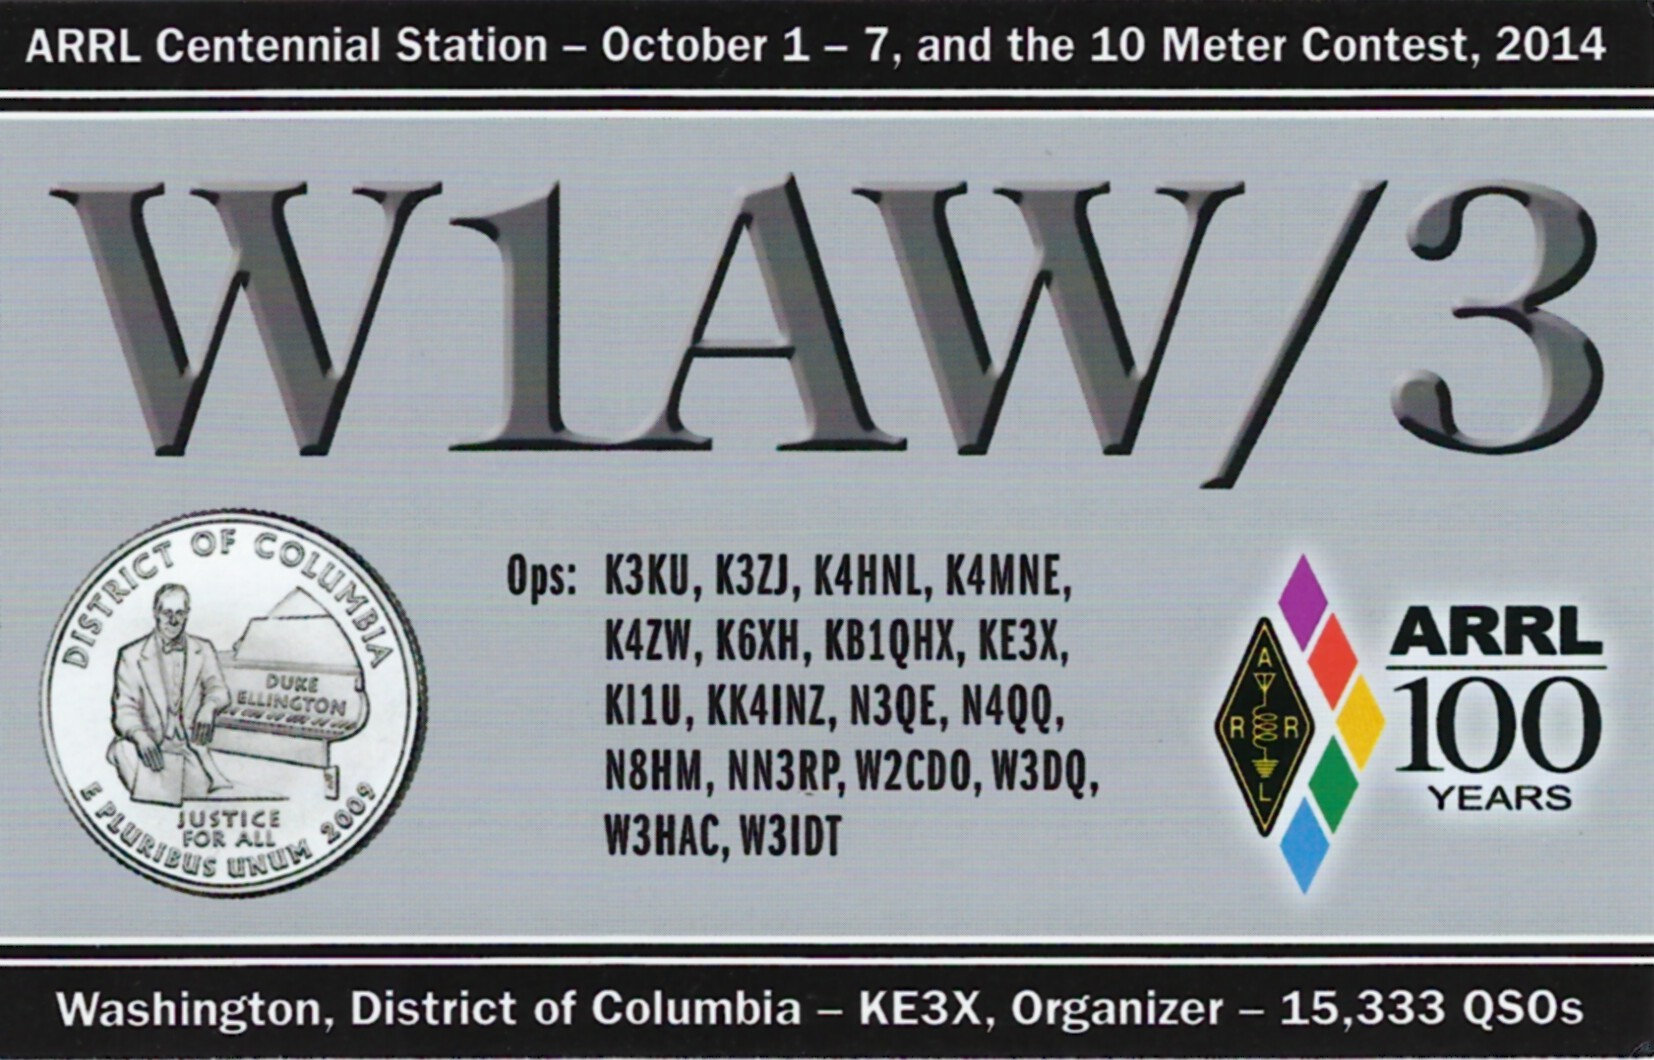 W1AW-3 DC